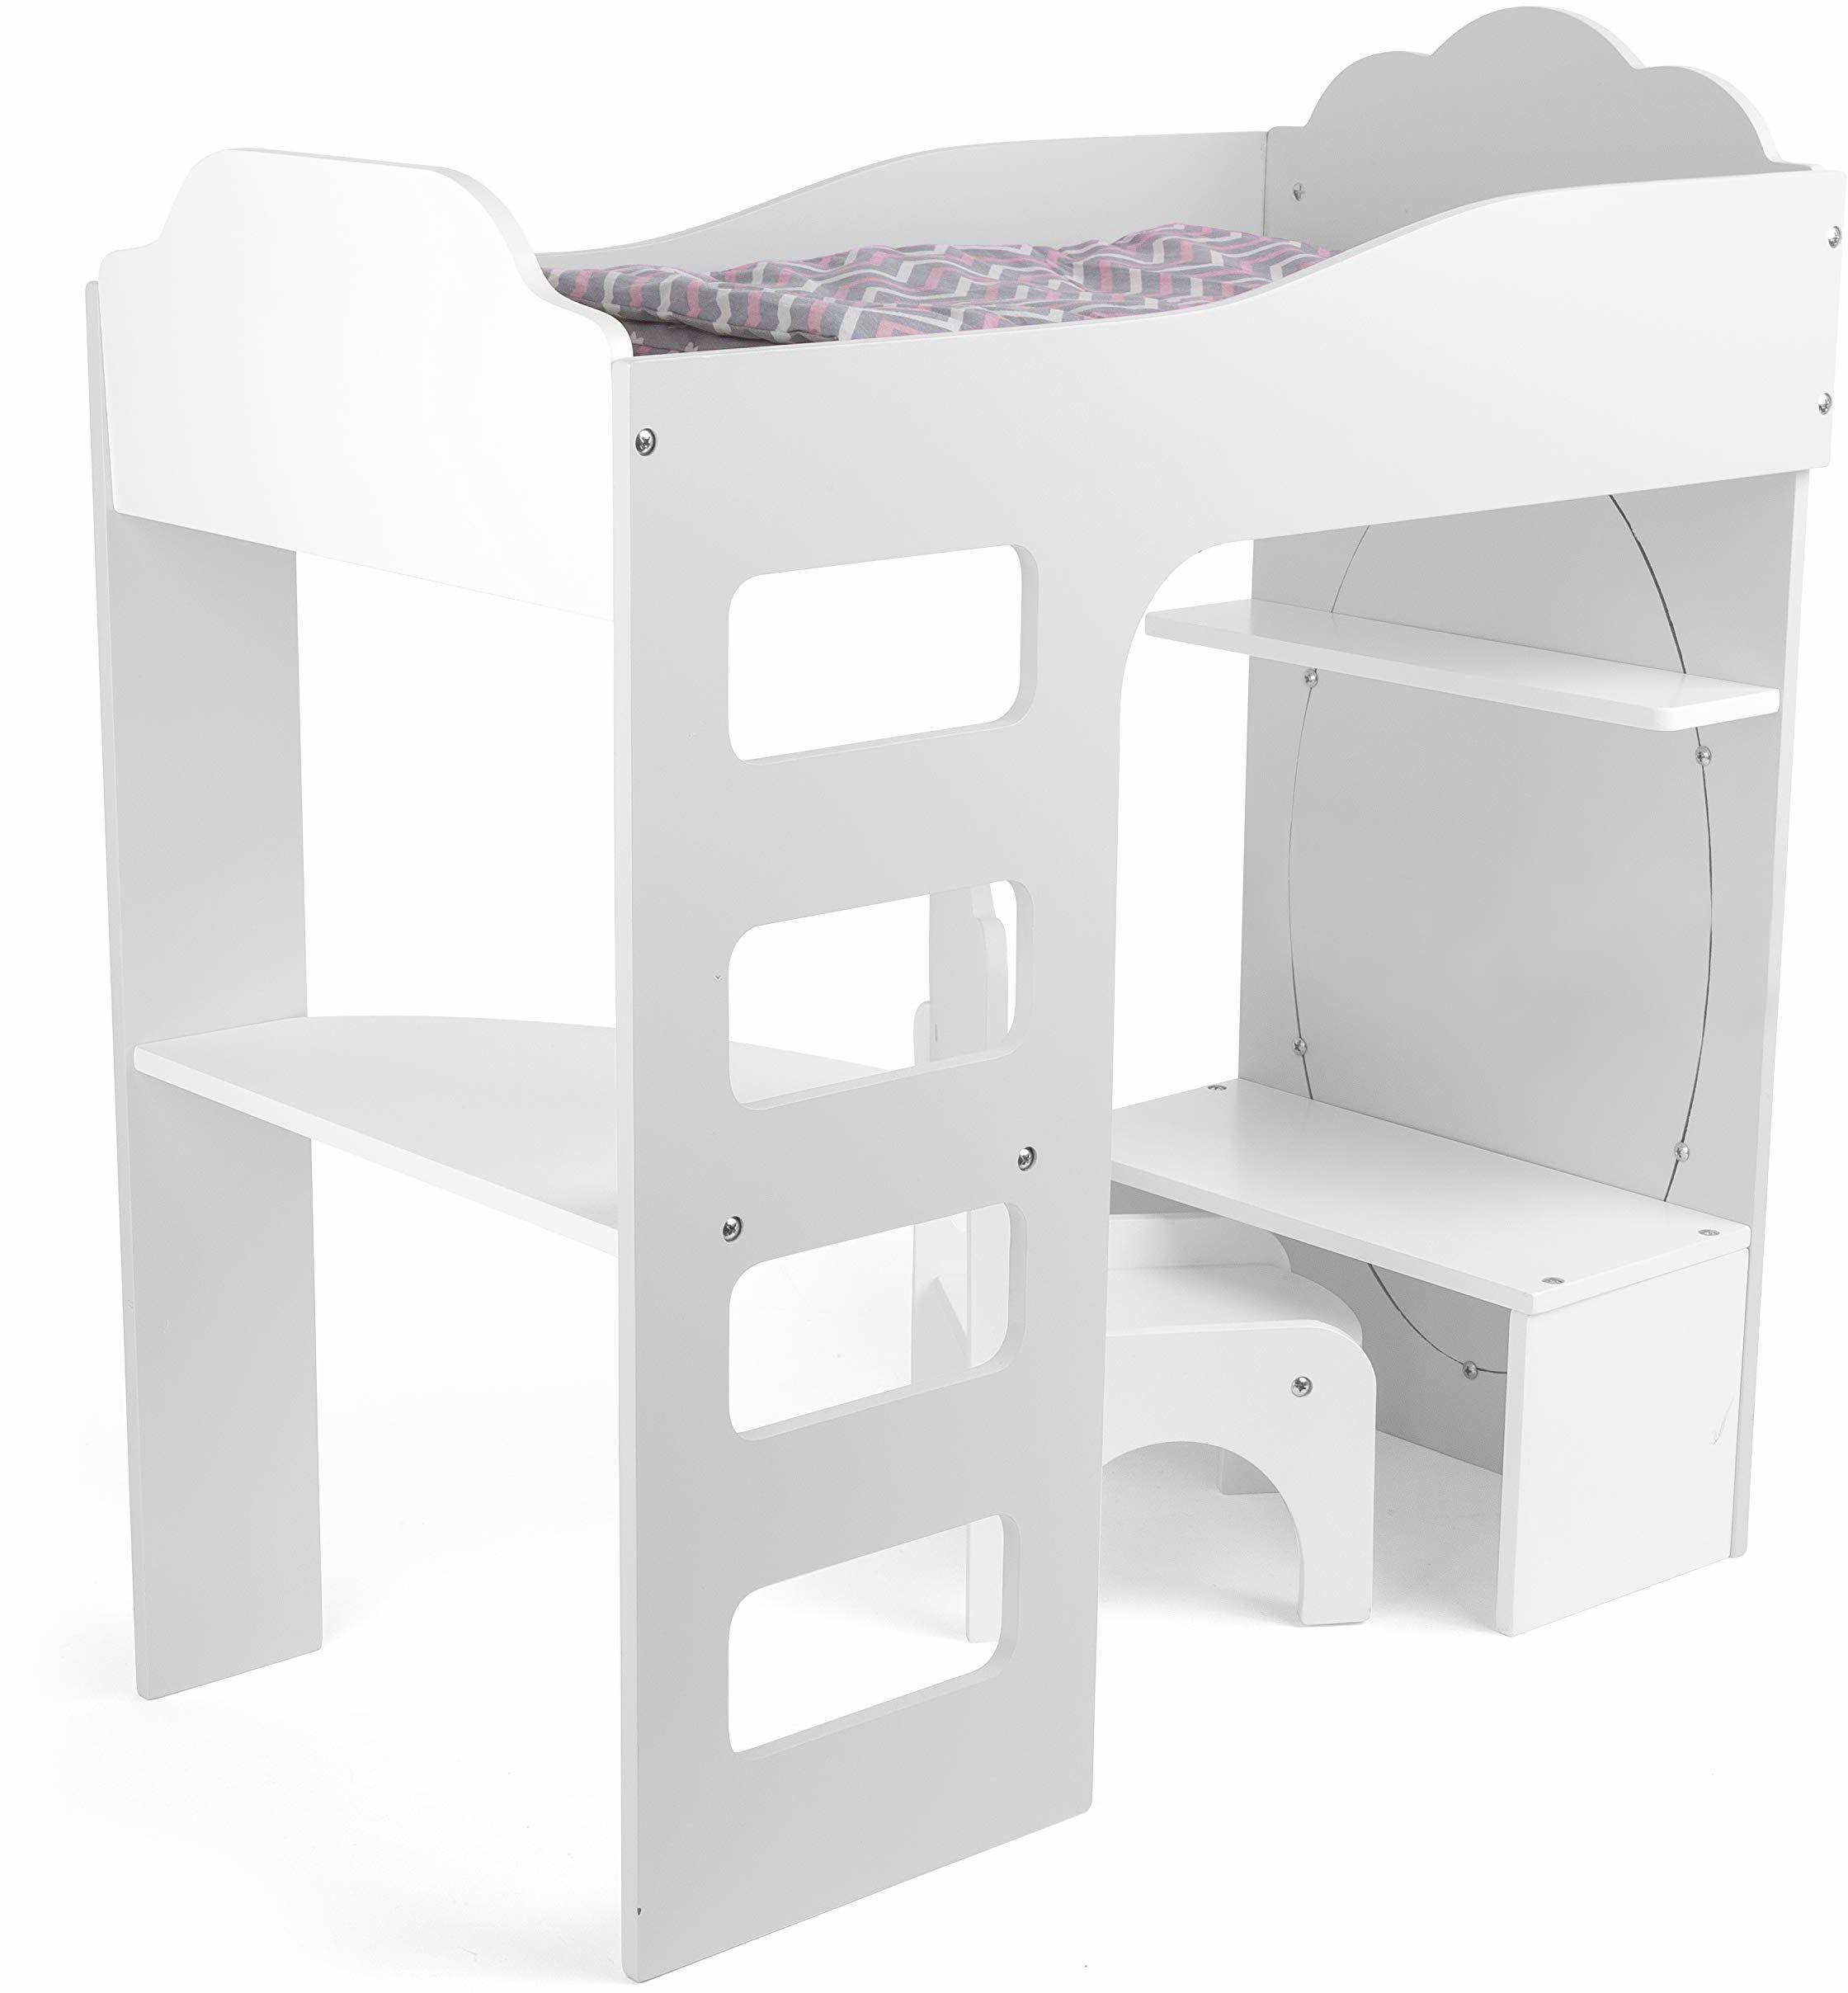 small foot 12025 łóżko piętrowe dla lalek z drewna, z drabinką, pościelą na biurko, krzesło i lustro, od 3 lat